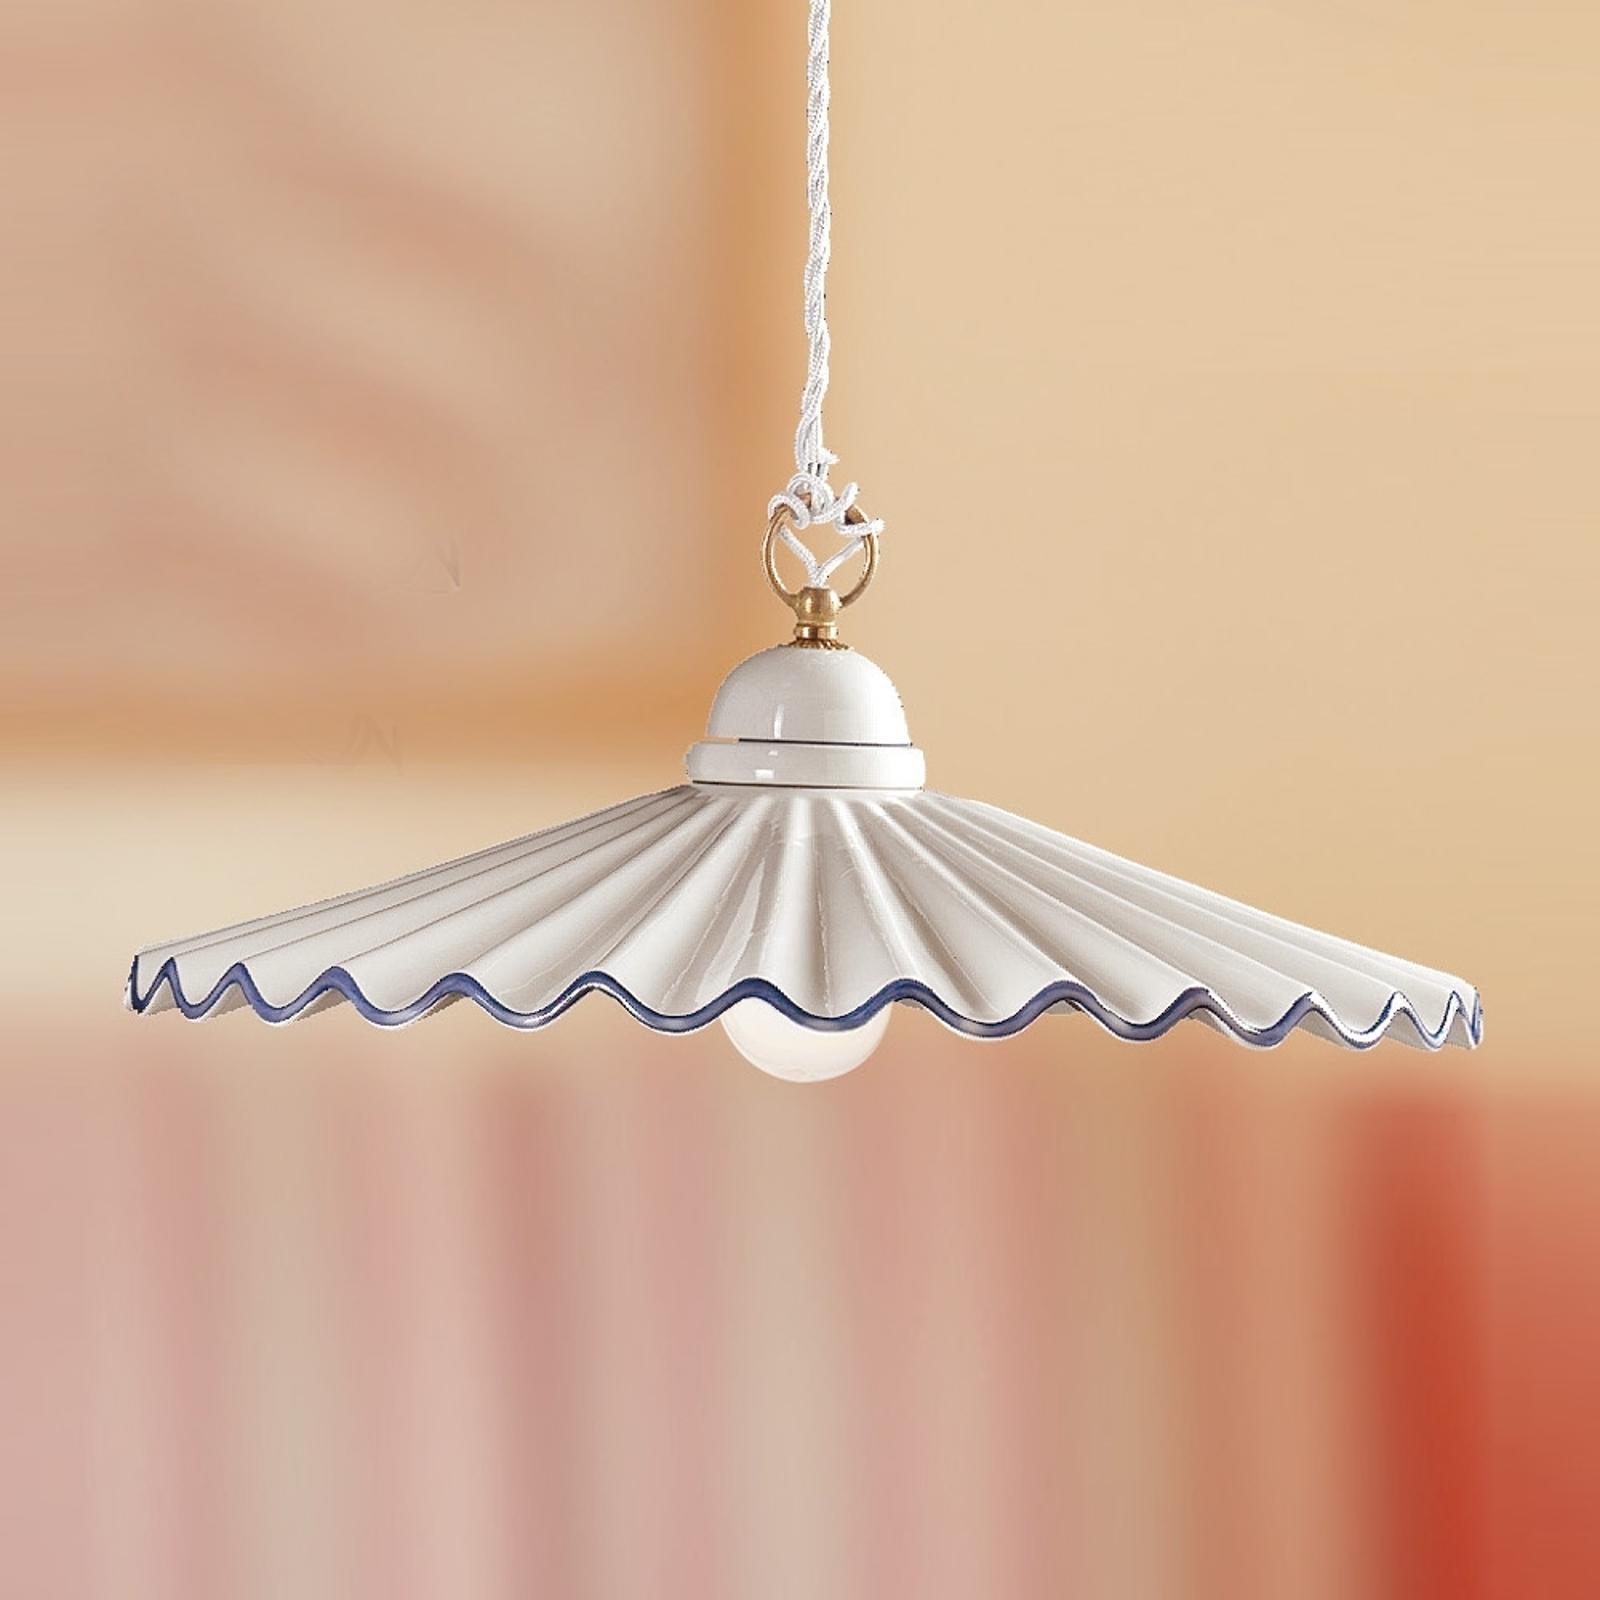 Hejselampe PIEGHE i landhusstil, 43 cm